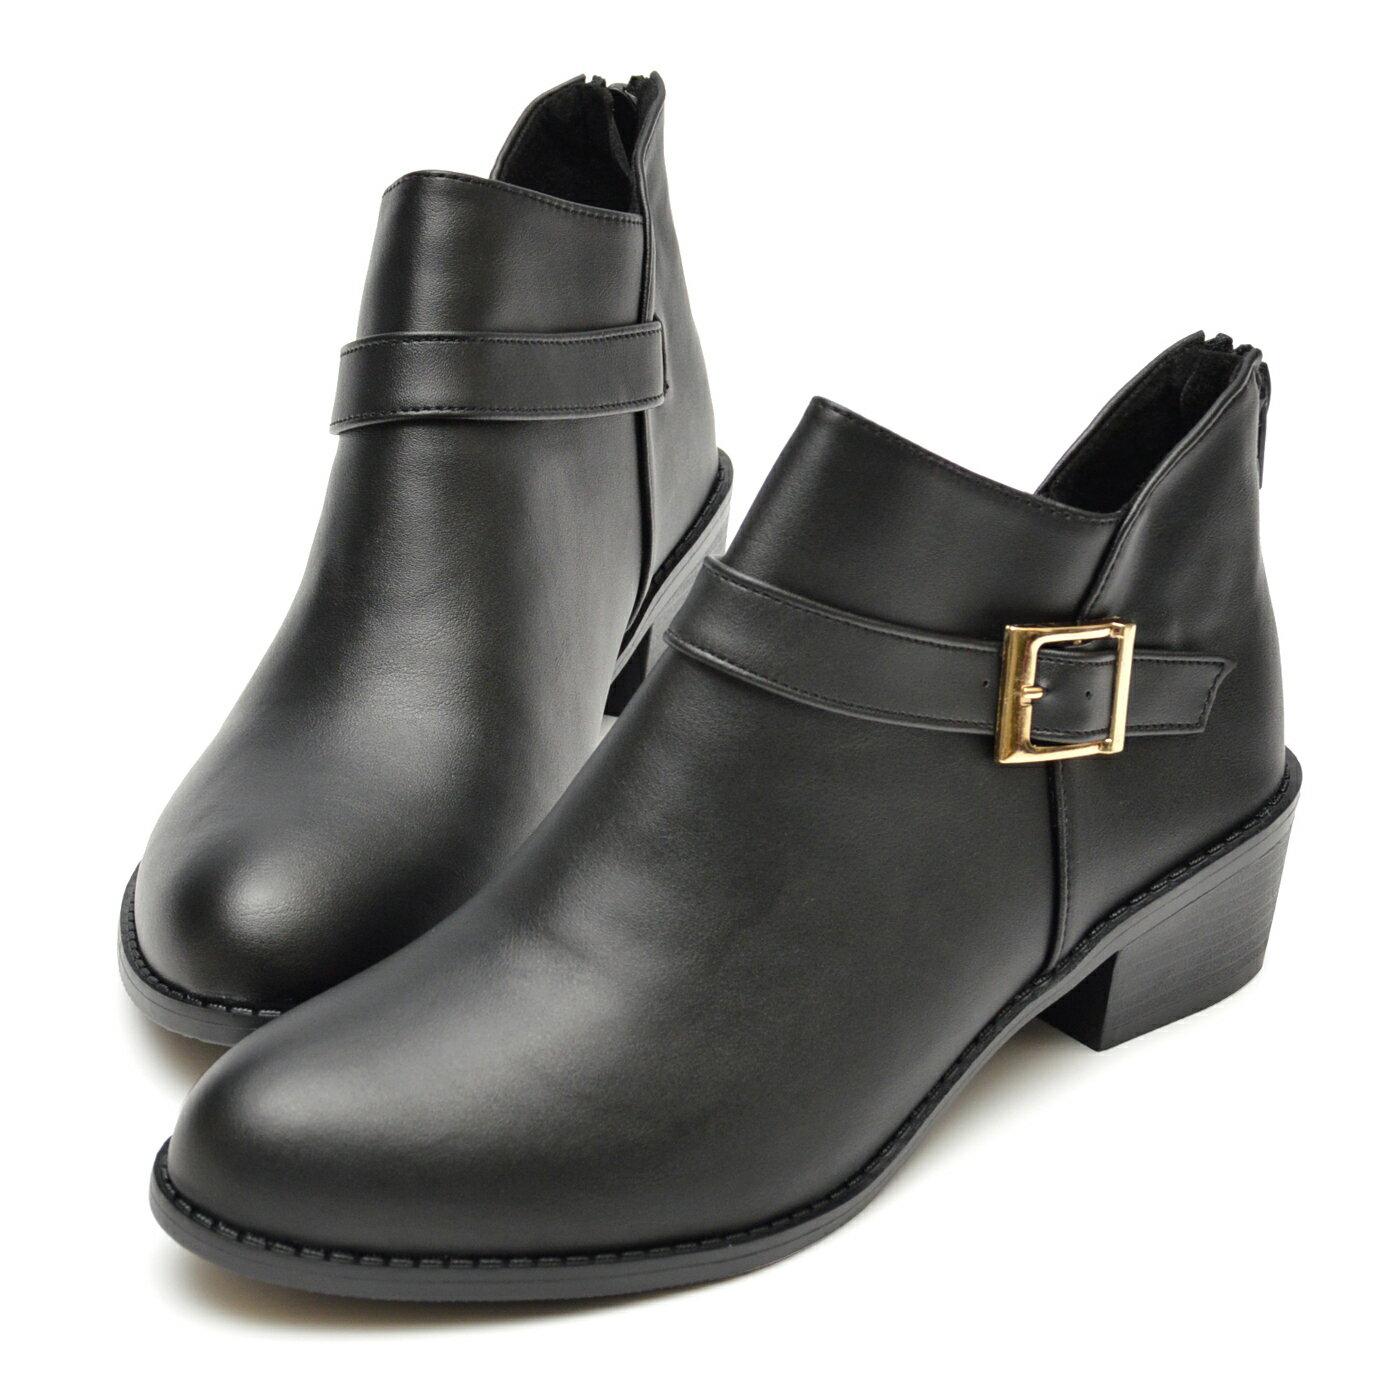 踝靴 側方釦皮革拉鍊低跟靴-黑